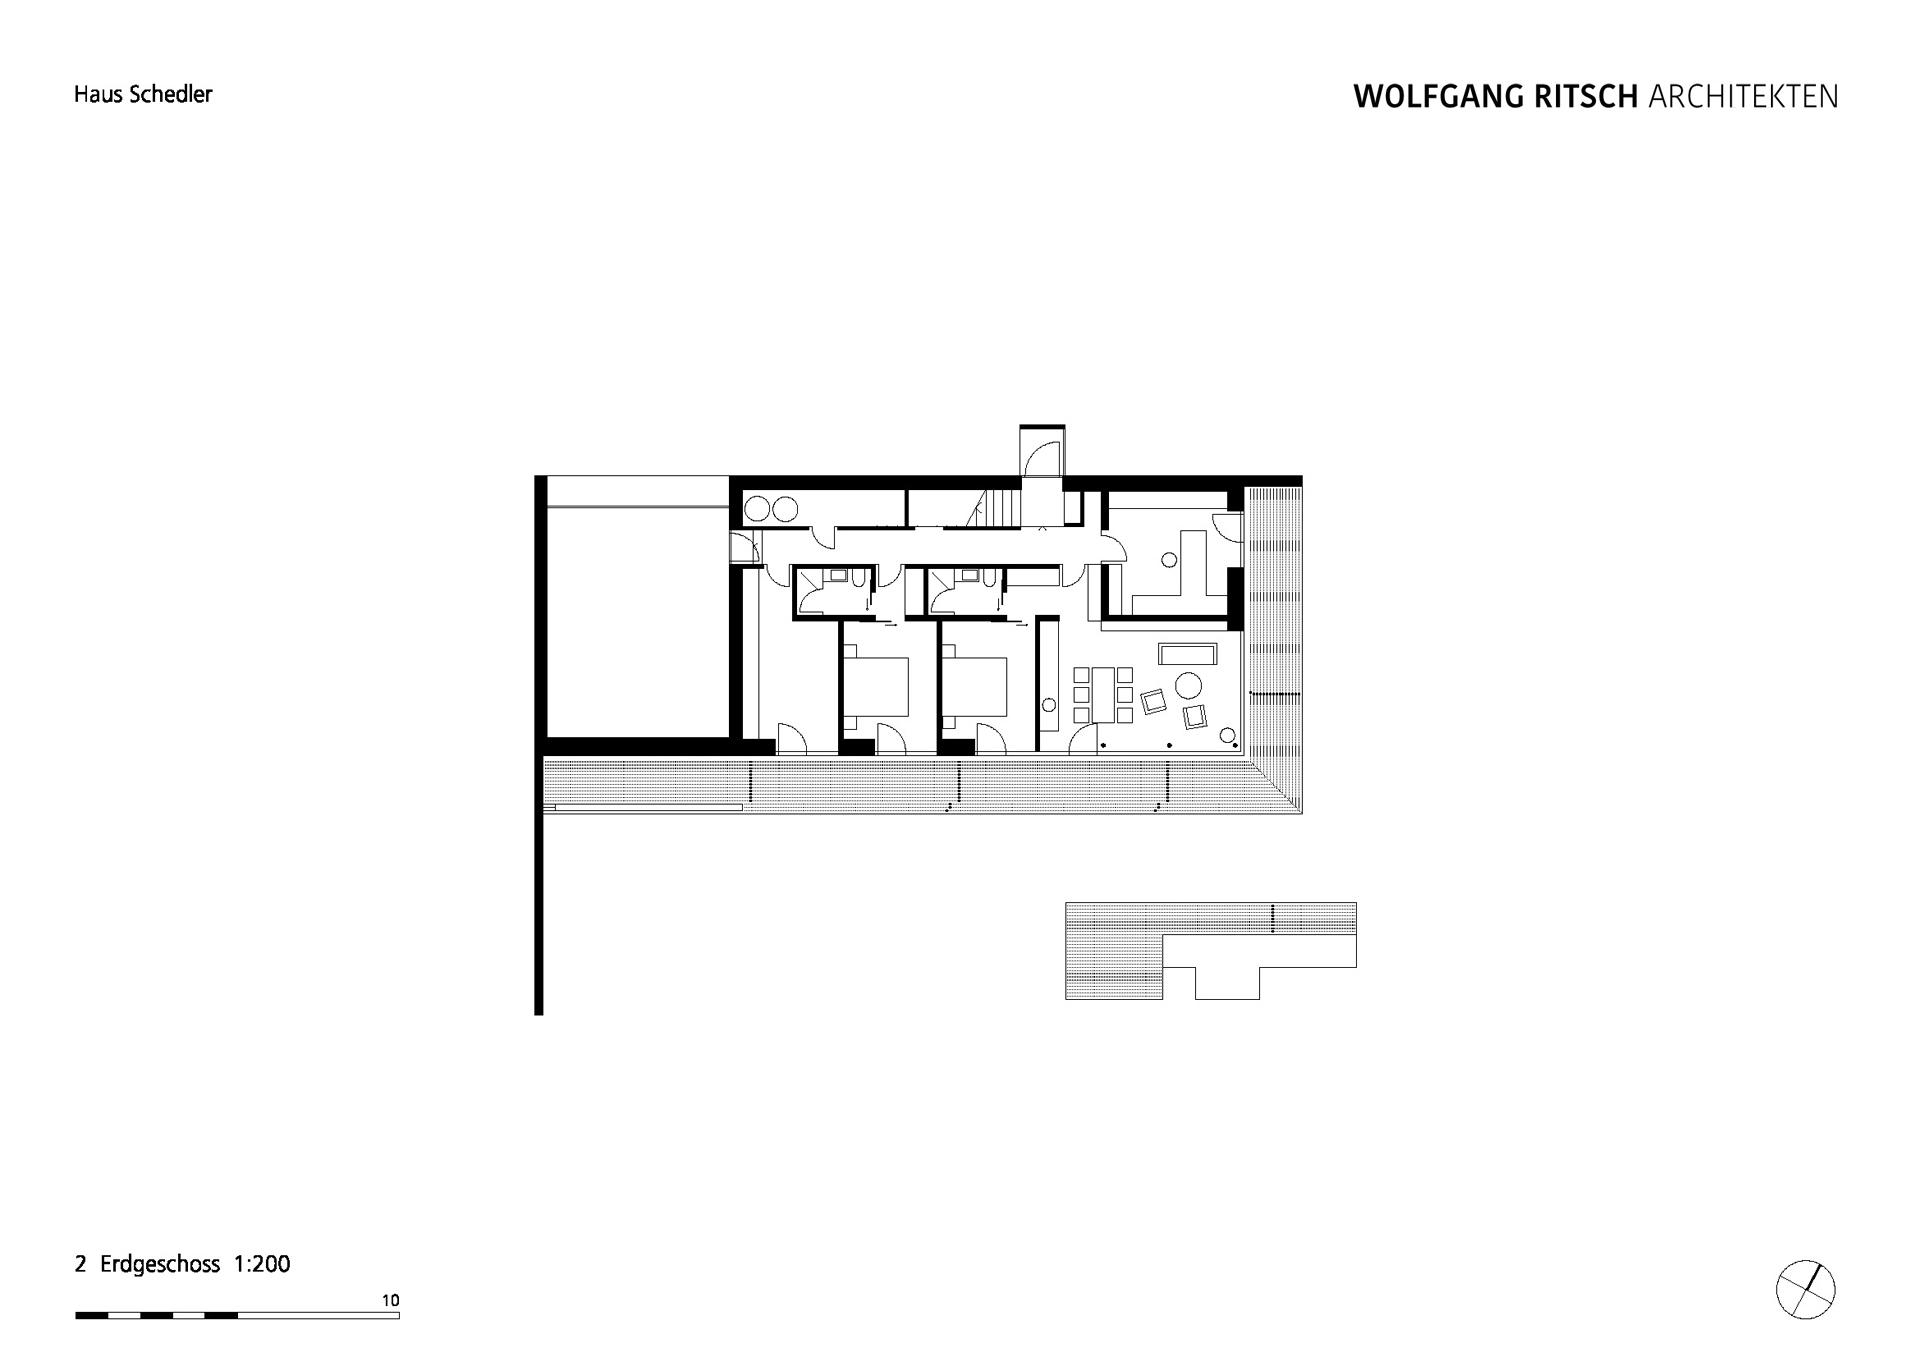 2500_EFH Haus Schedler_PLAN_902_Erdgeschoss 200 Kopie